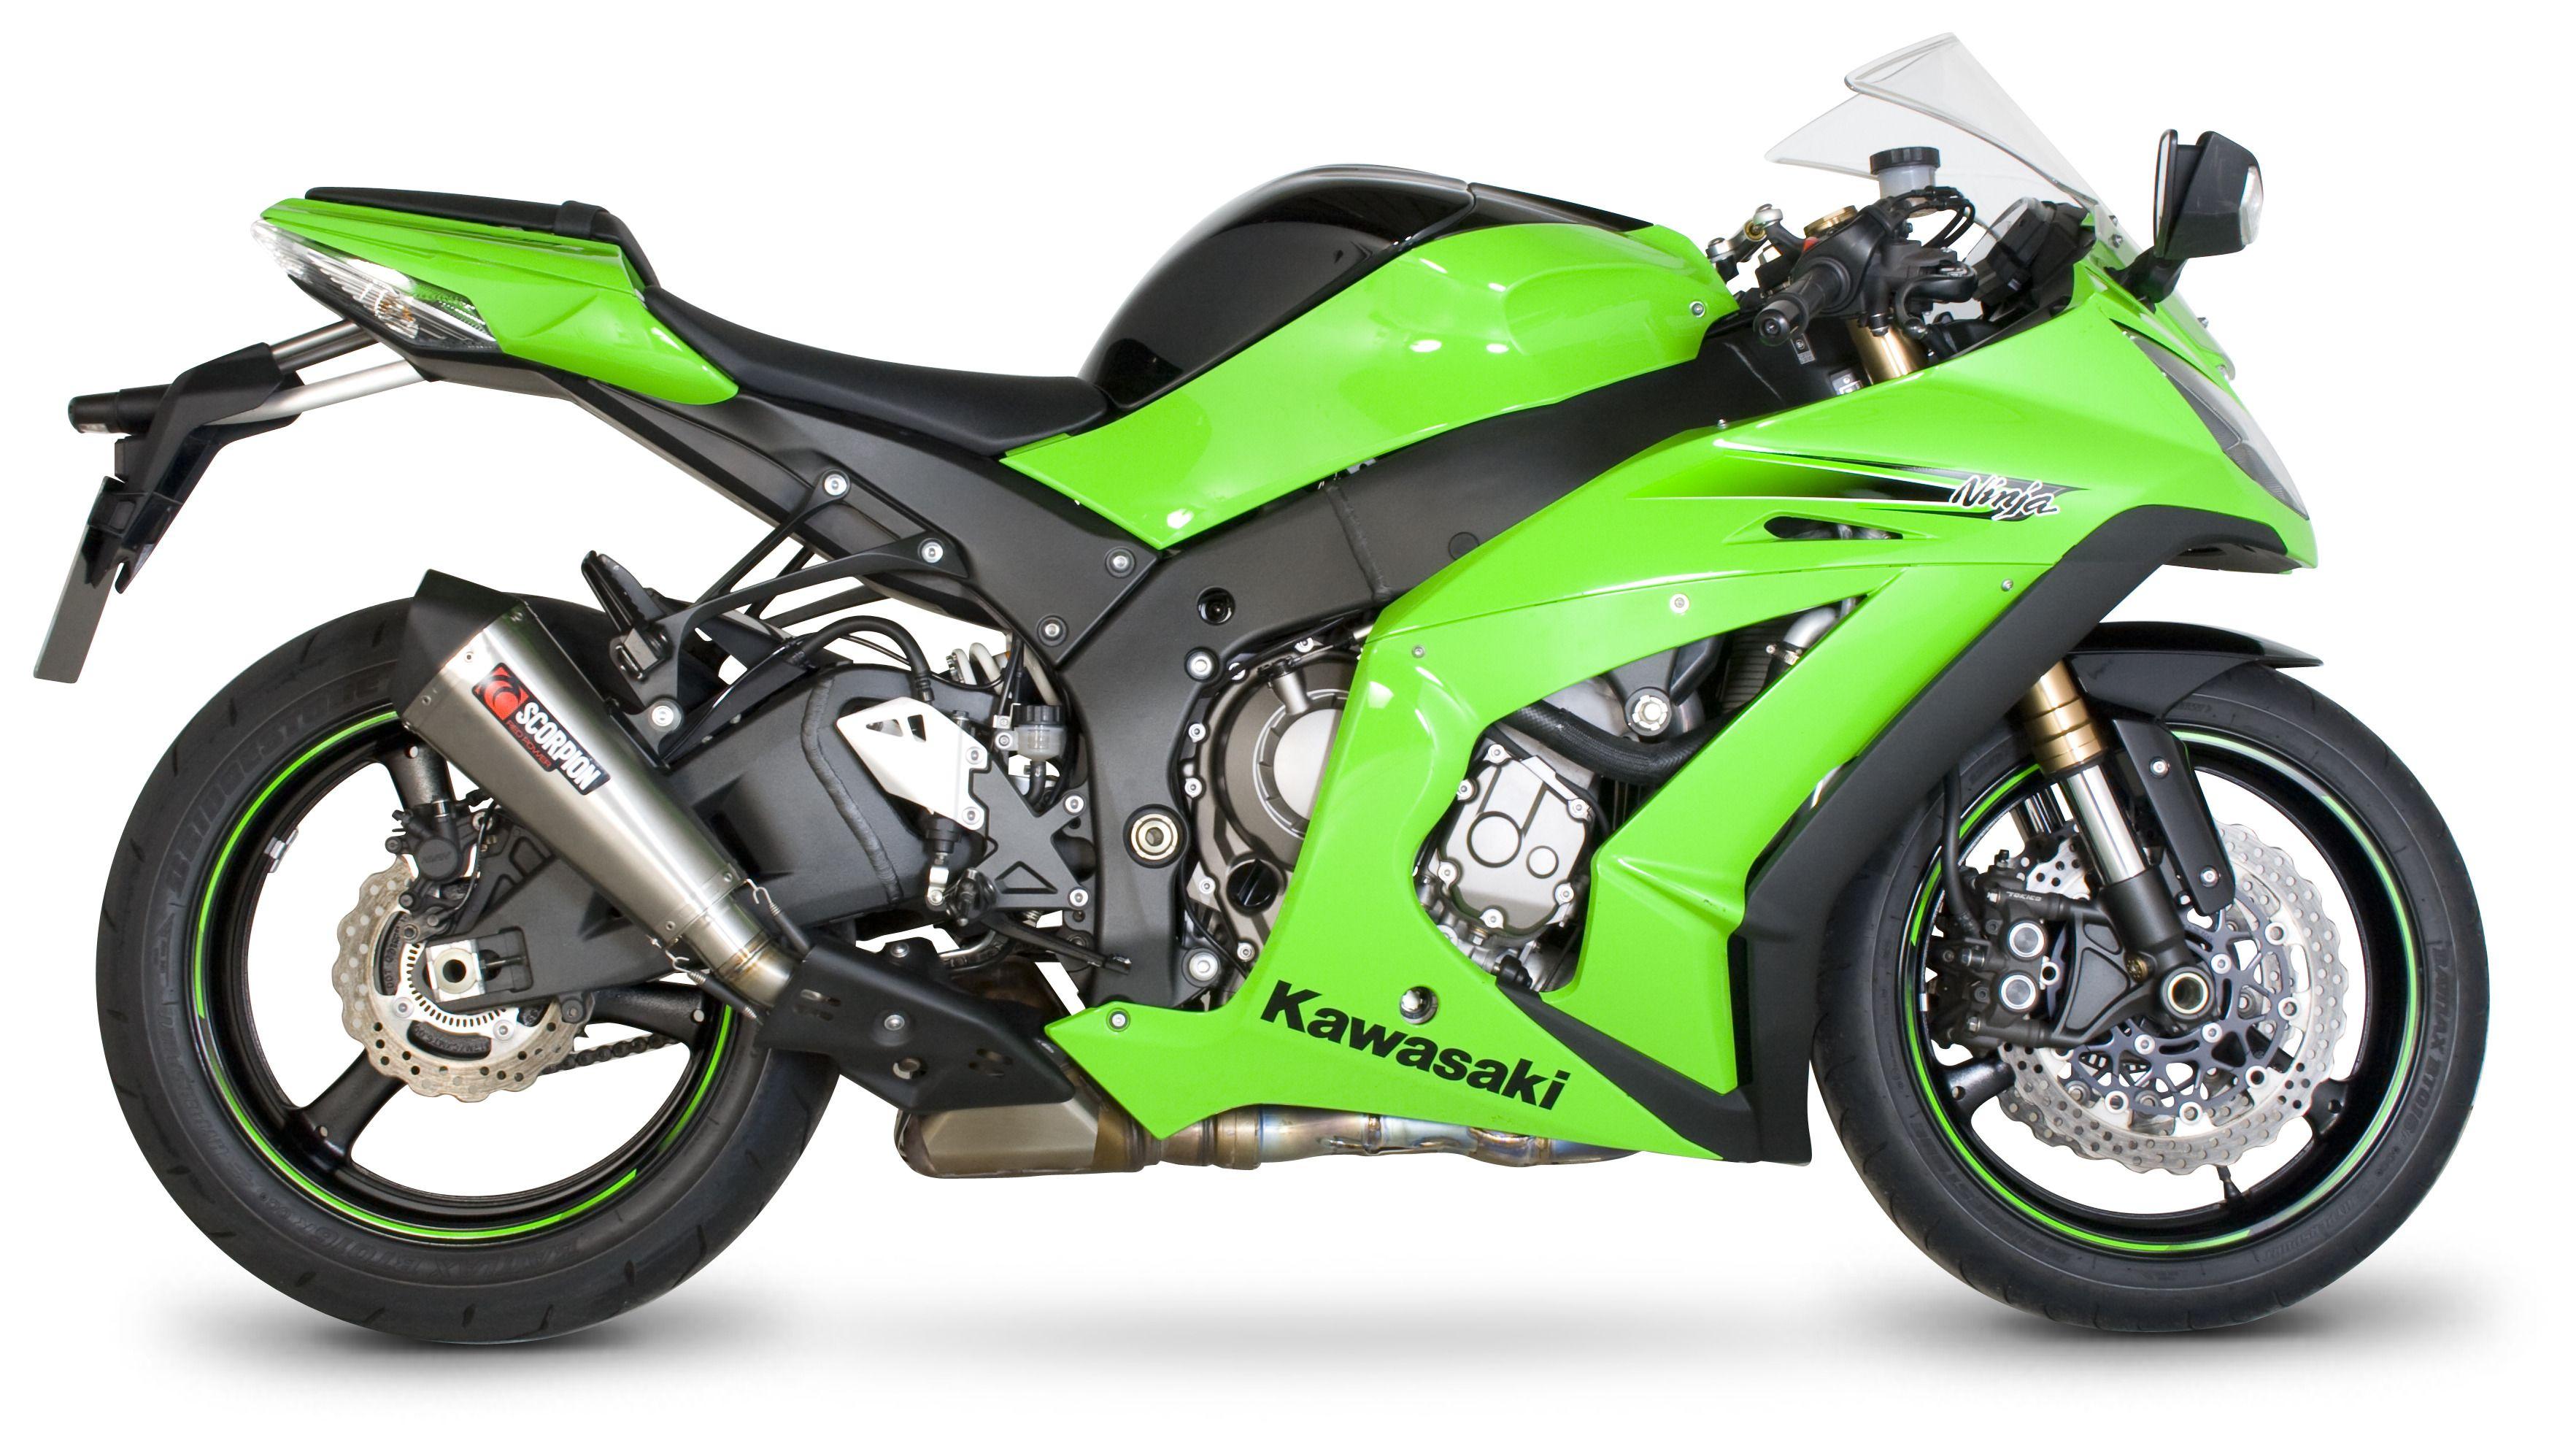 Scorpion Serket Taper Slip-On Exhaust Kawasaki ZX10R 2011-2015   10%  ($52.40) Off! - RevZilla